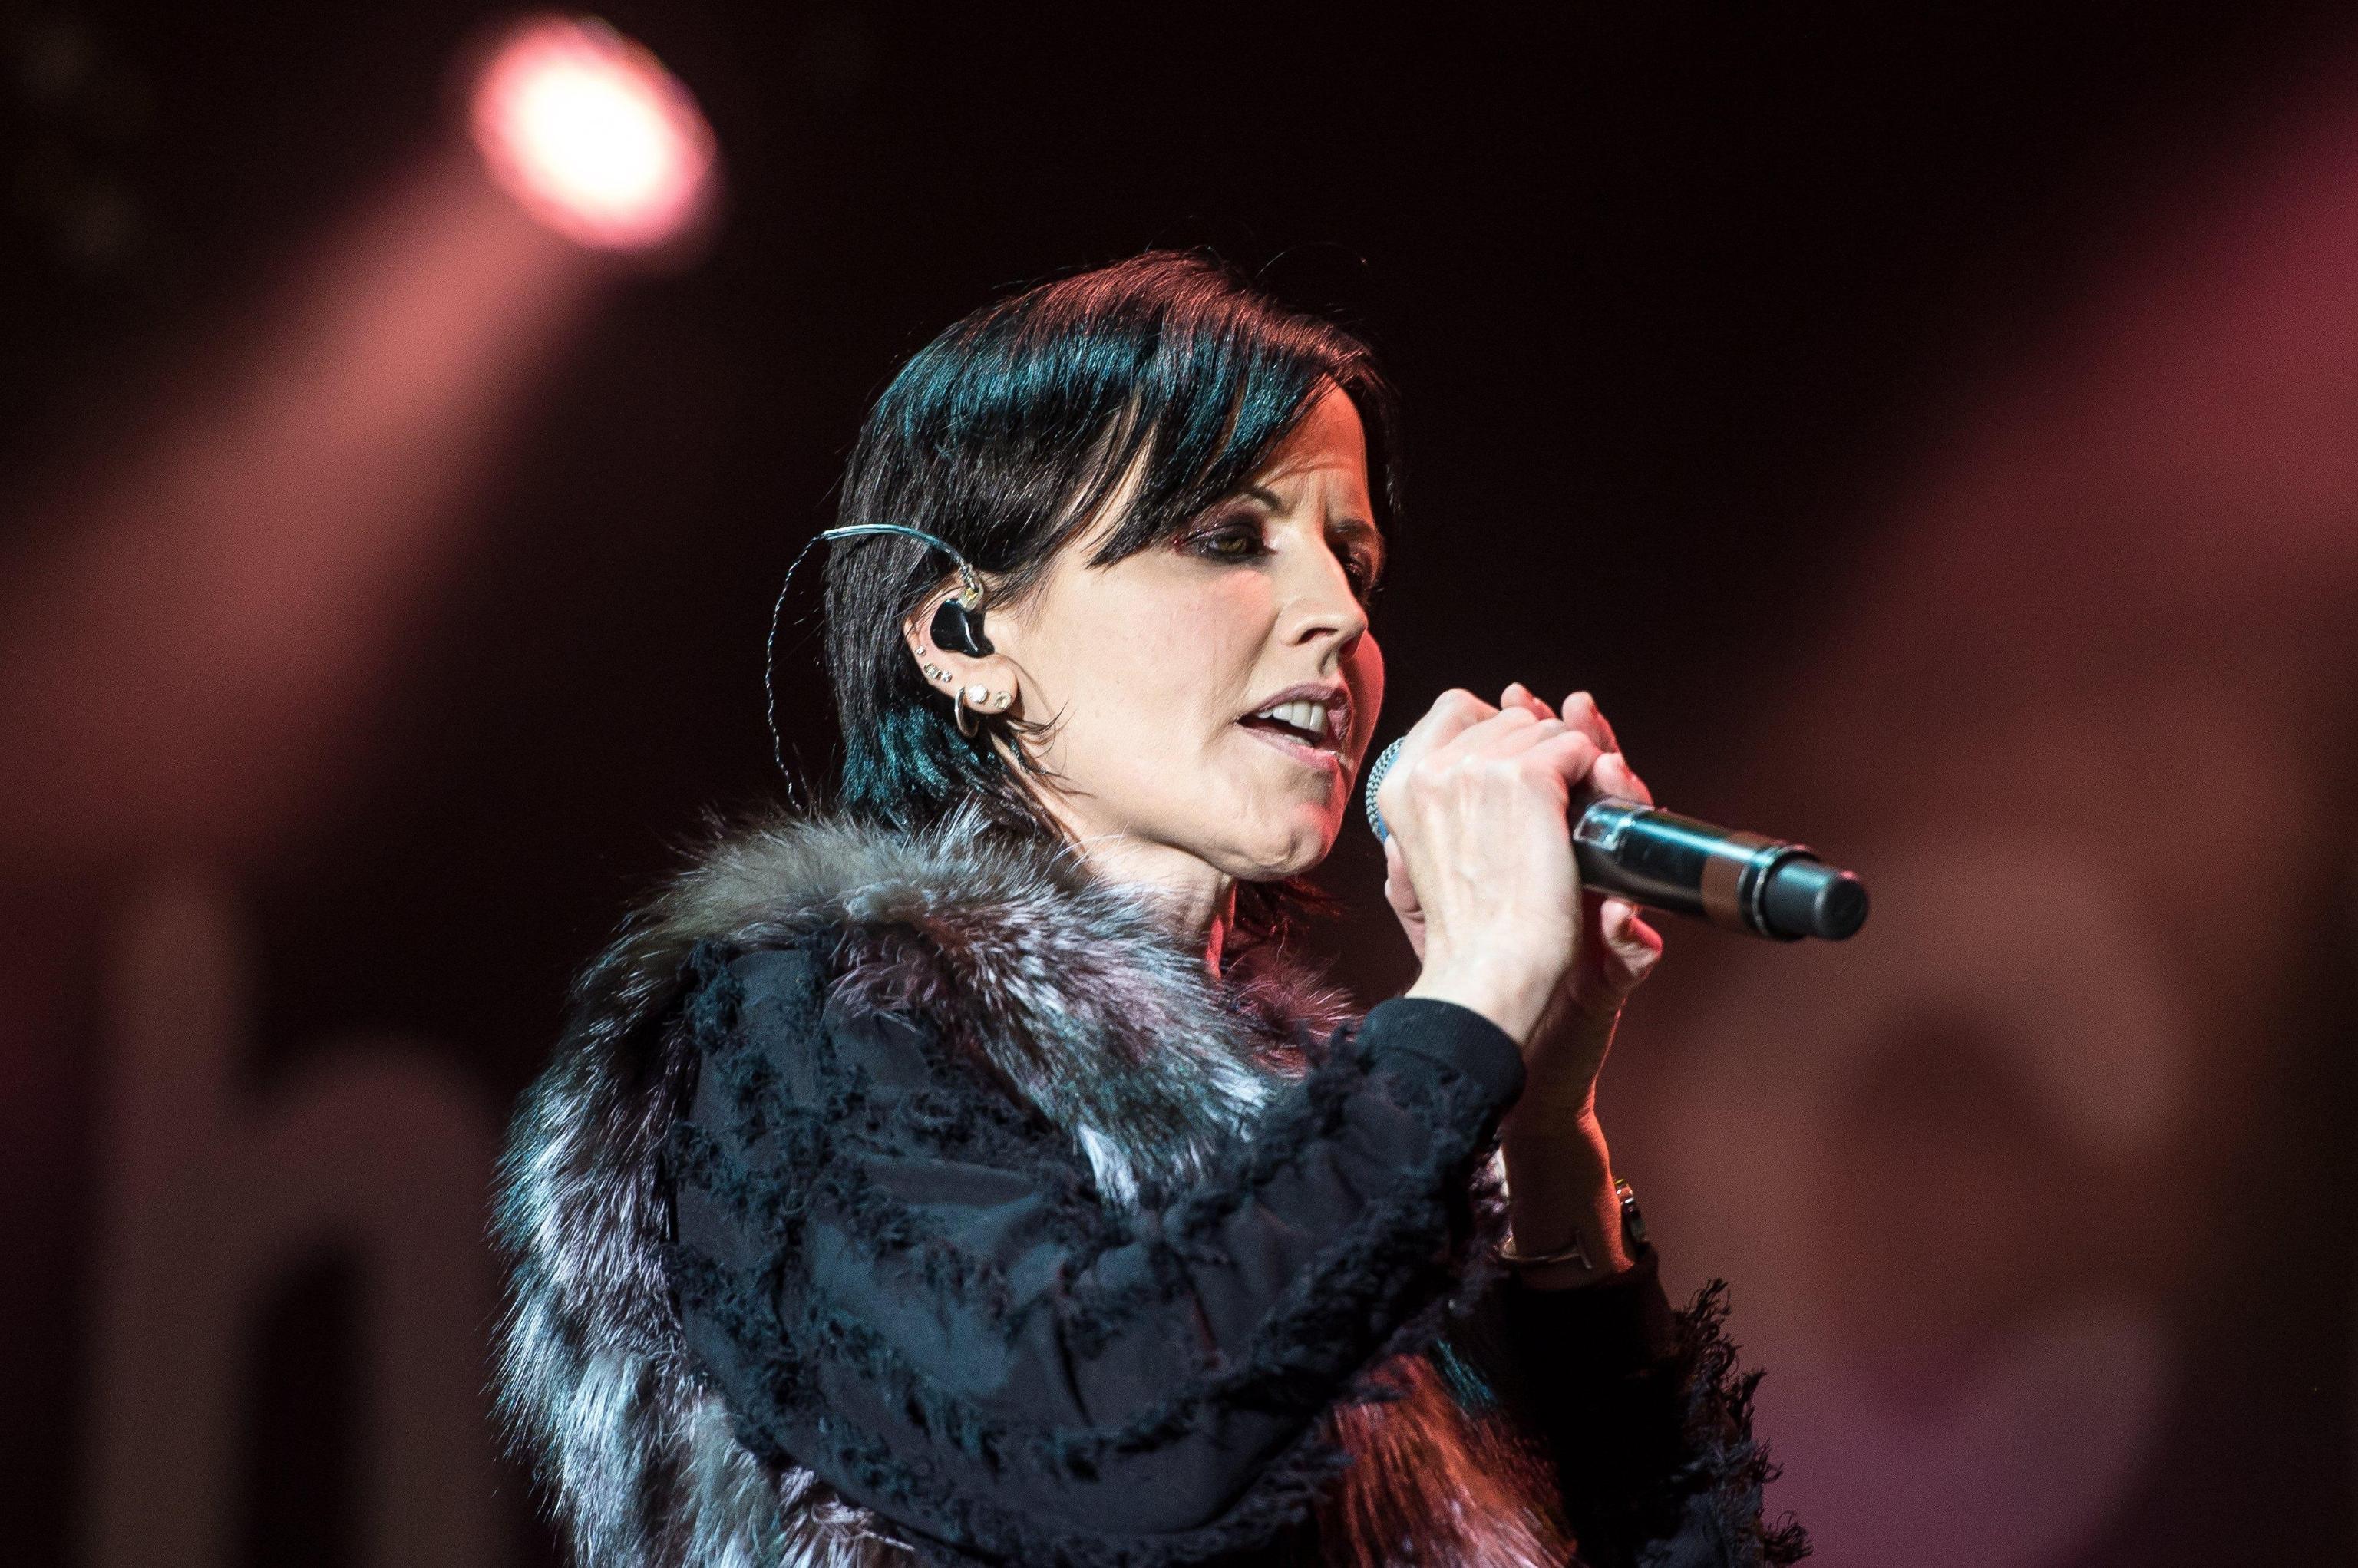 È morta Dolores O'Riordan. la cantante dei Cranberries - Giornale di Sicilia